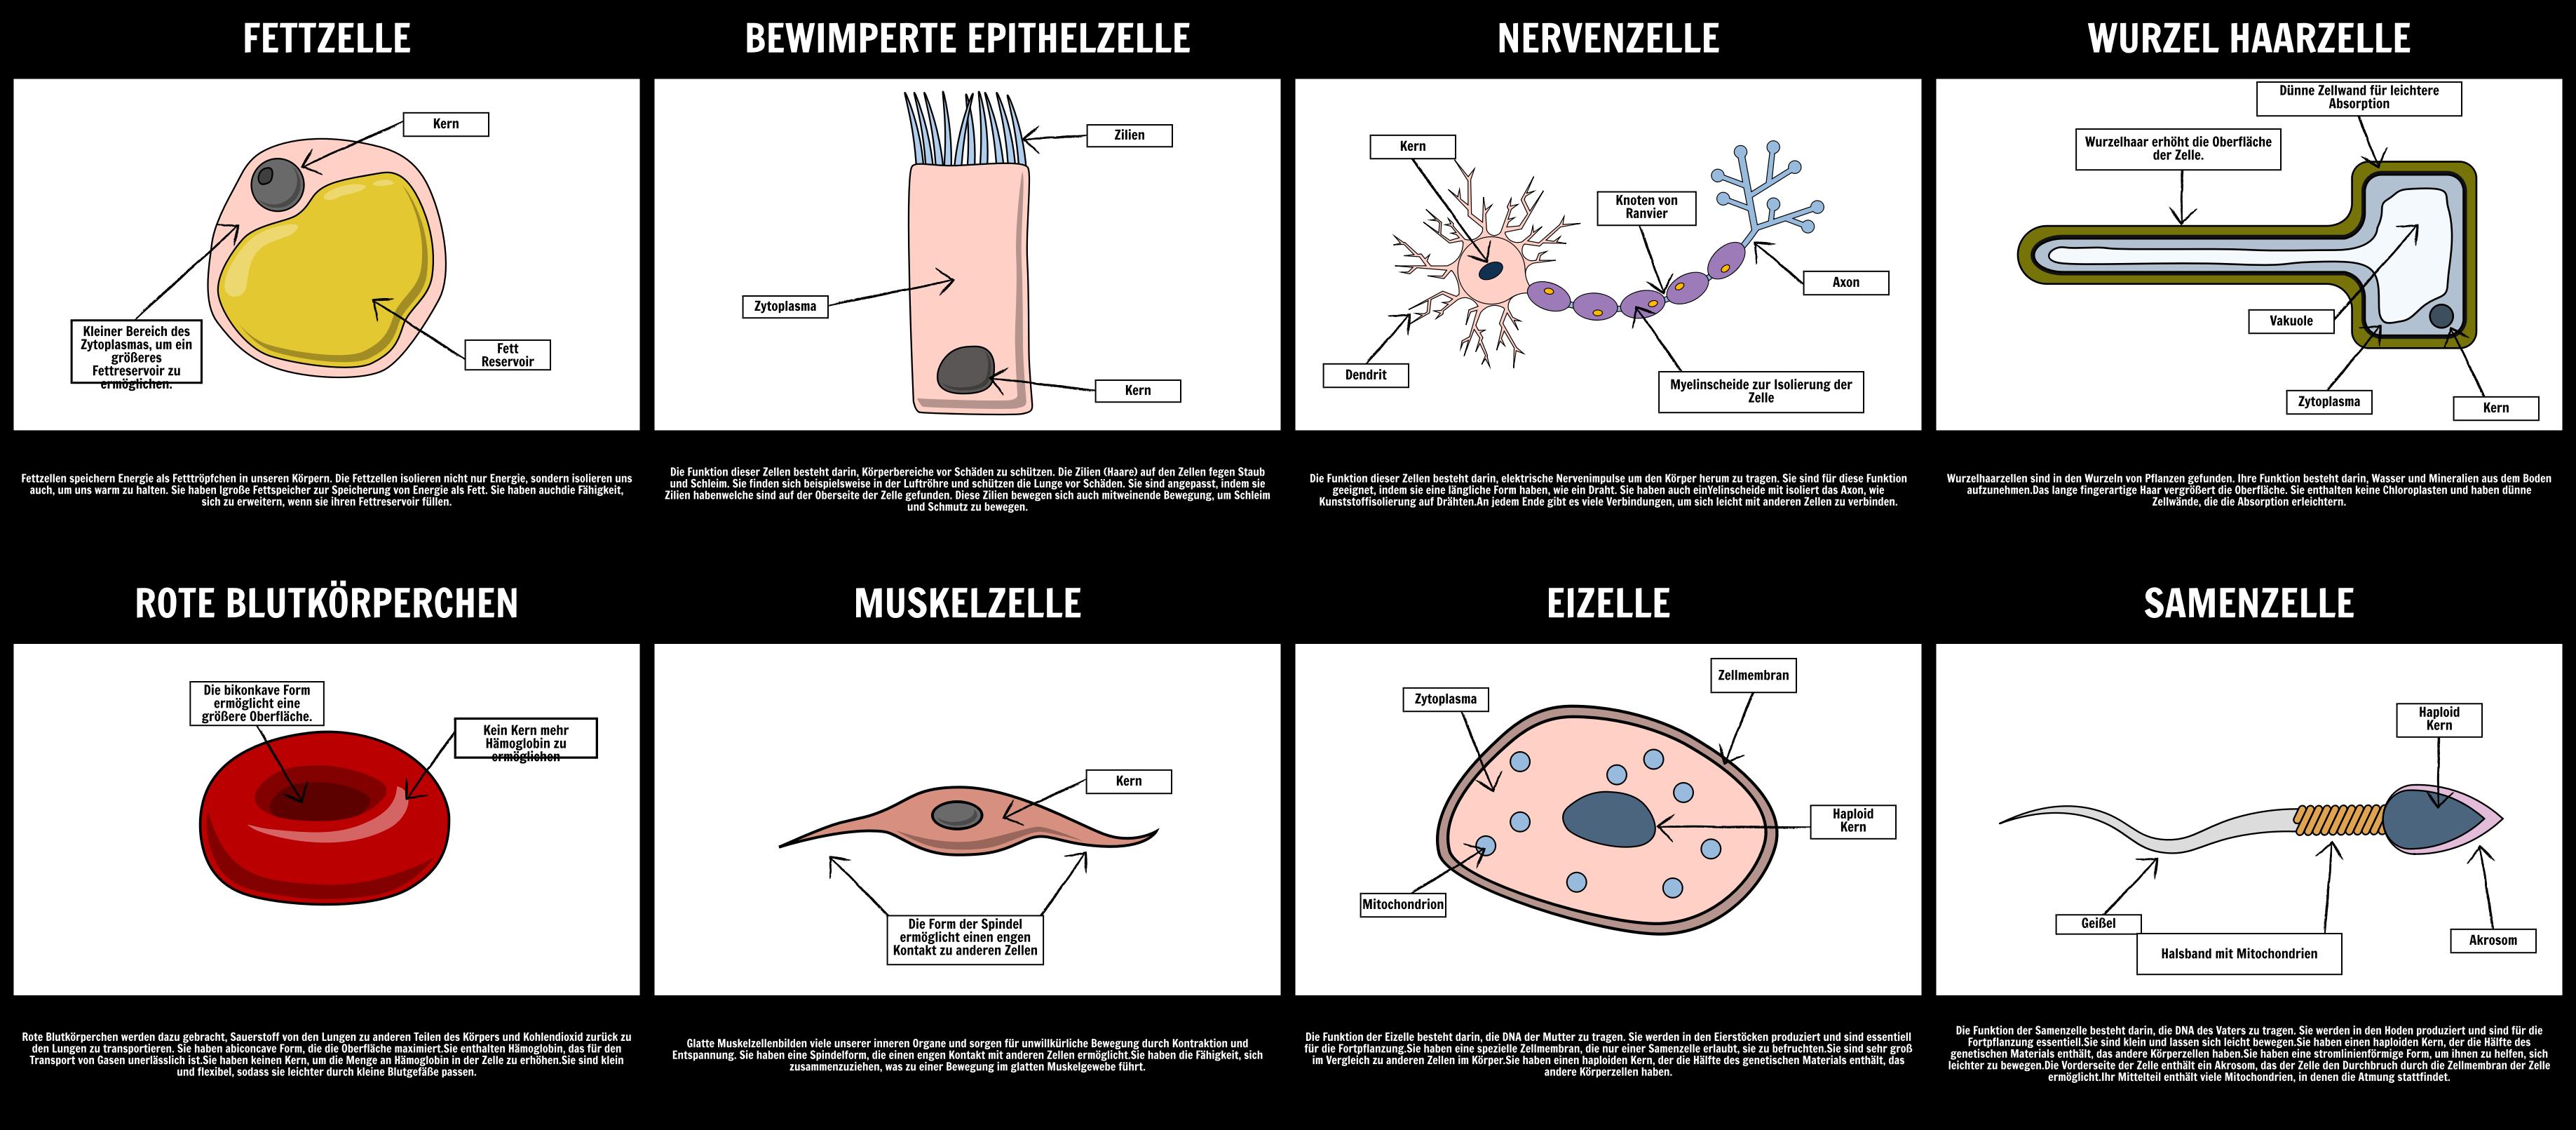 Spezialisierte Zellen | Storyboards für Spezialisierte Zellen in der ...